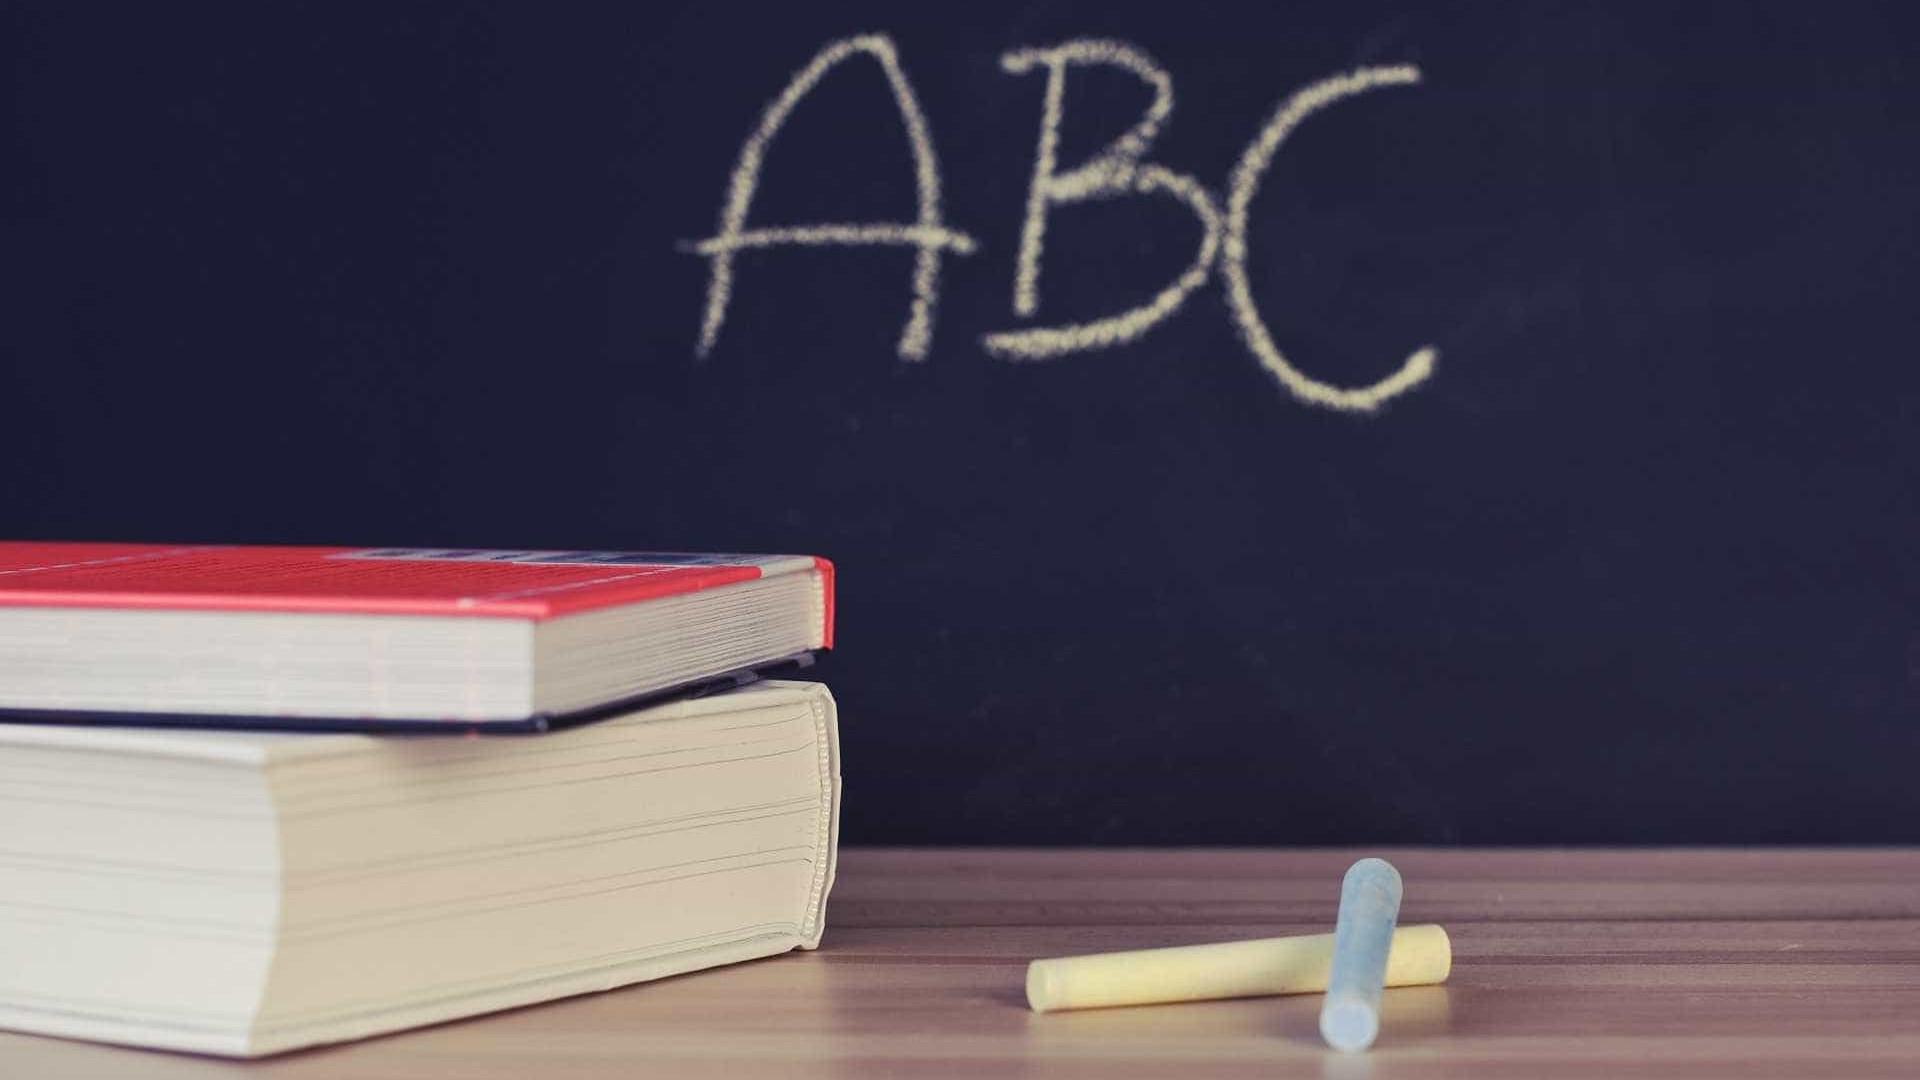 Prazo para escolas contratarem técnicos foi prorrogado até 5.ª feira